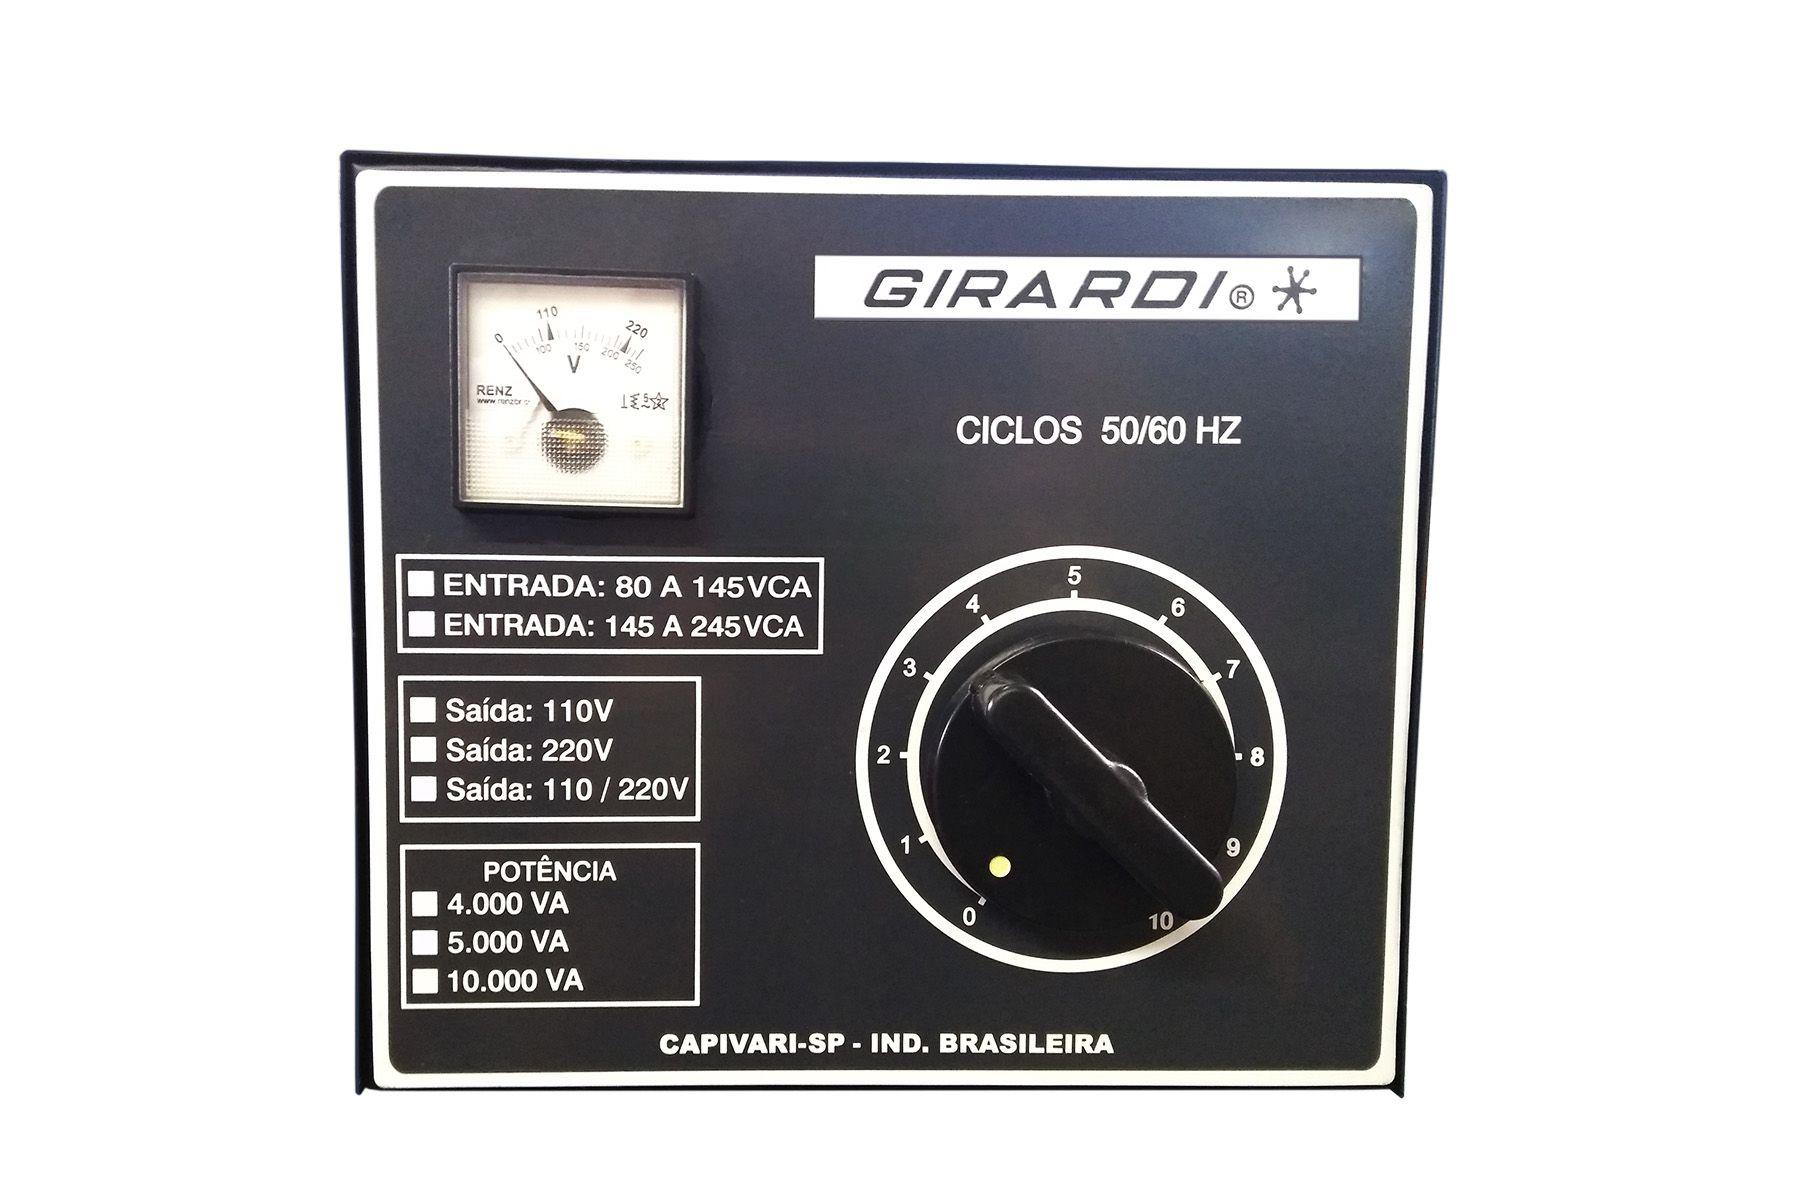 Regulador Manual De Tensão / Voltagem Girardi 10000 VA Entrada 220 Saída Bivolt